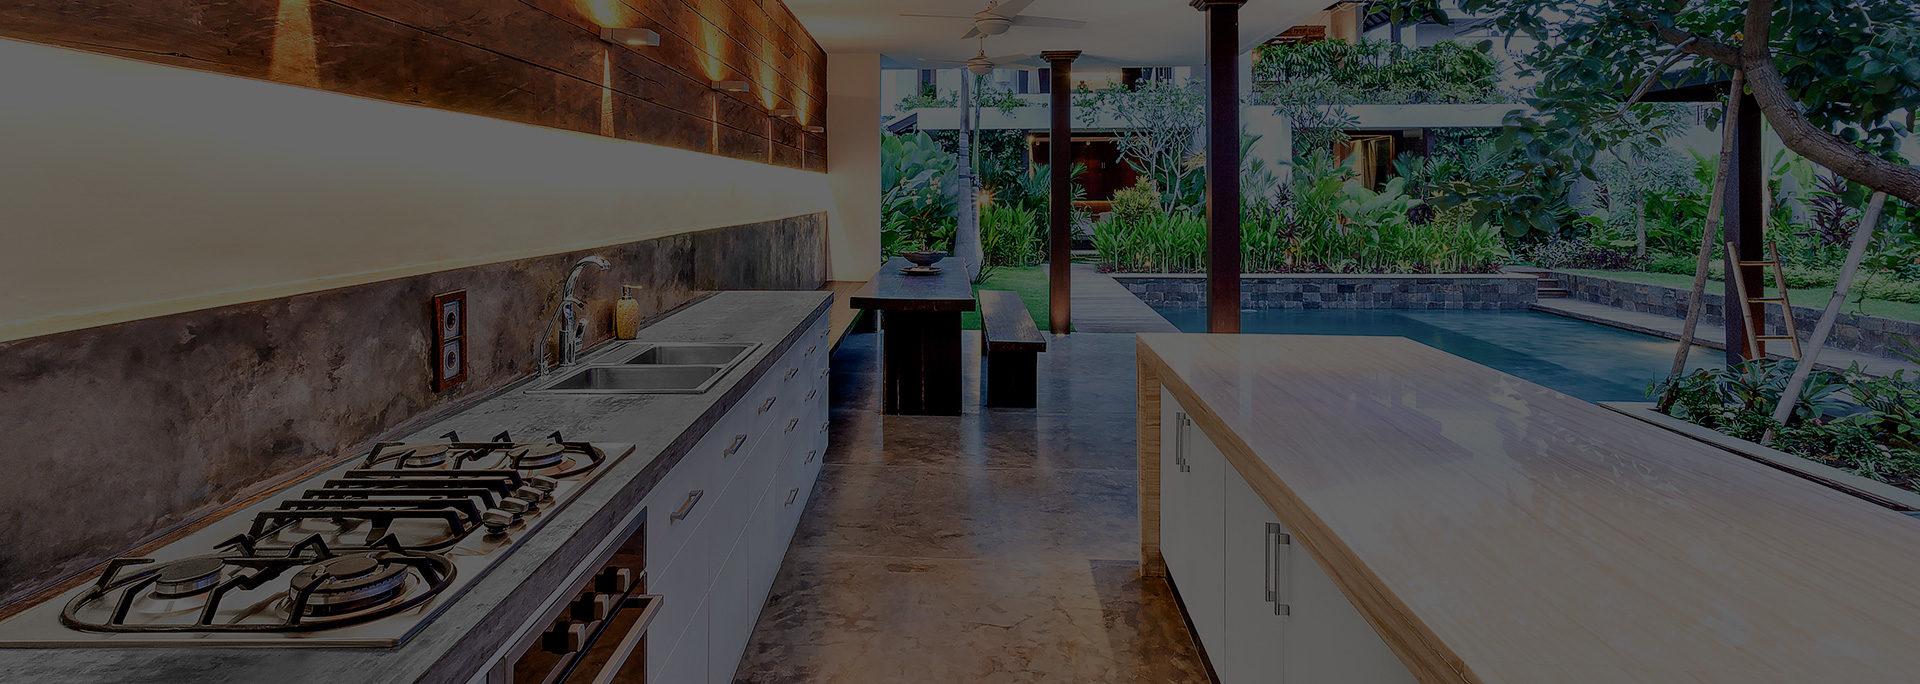 Outdoor Kitchen Planning